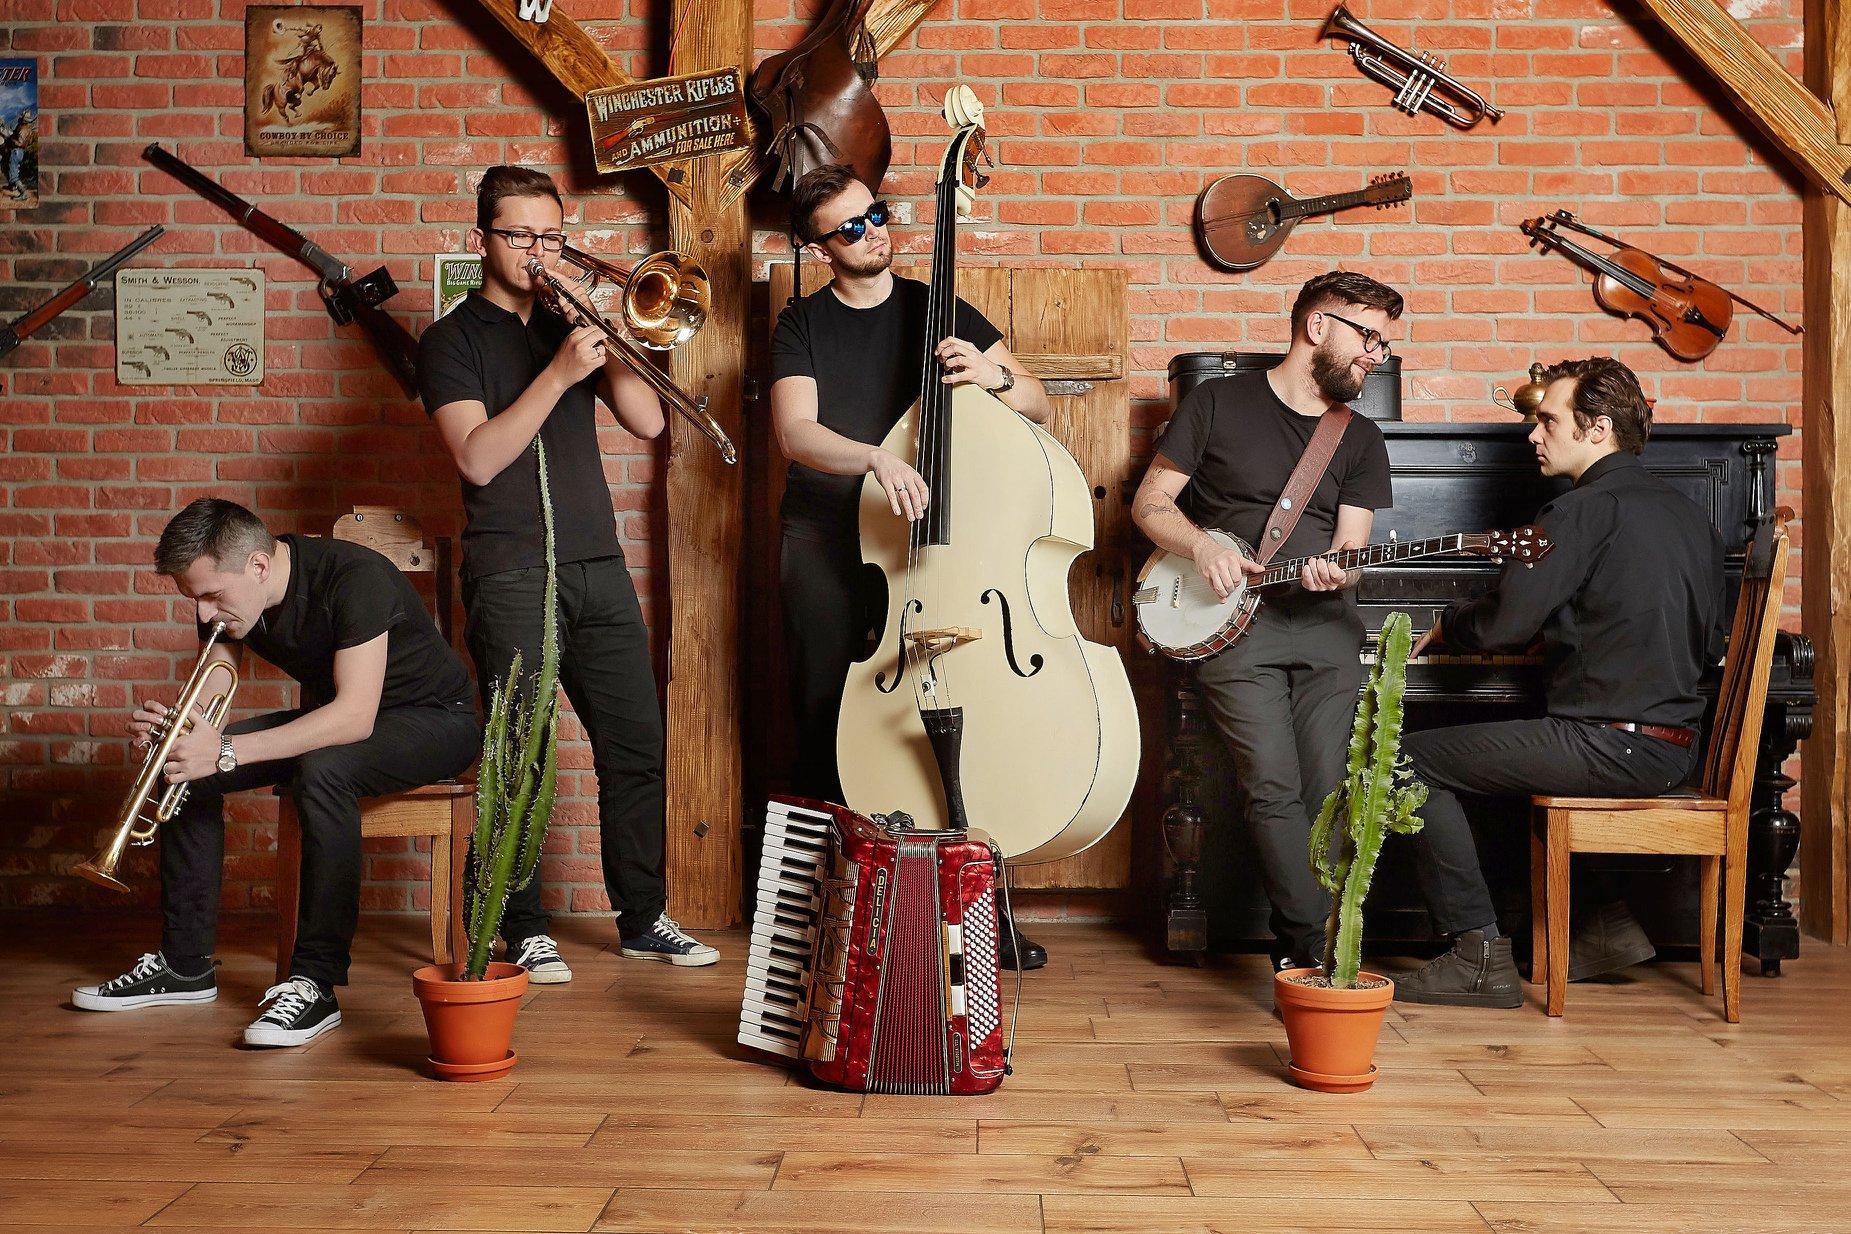 The Freeborn Brothers [fot. materiały zespołu, źródło: https://www.facebook.com/freebornbrothers/photos]